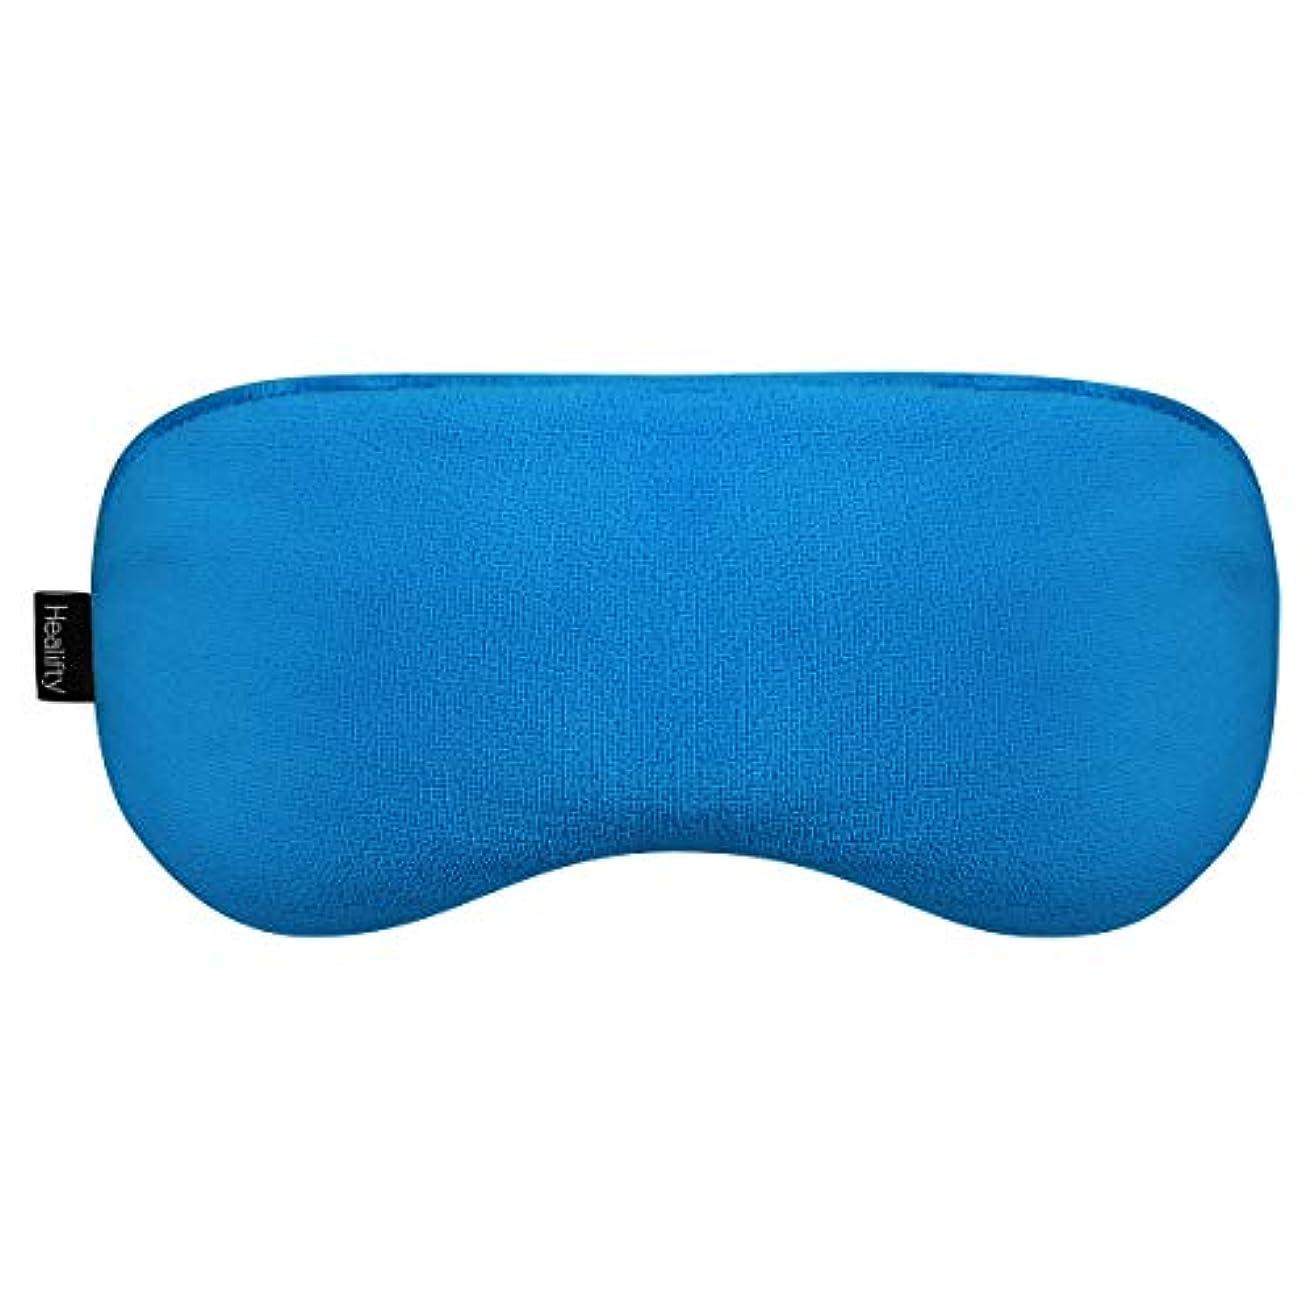 分ロデオかりてHealifty 目の目隠し1ピース亜麻仁アイ圧縮暖かいアイセラピーマイクロ波ホットアイマスク付きベルベットカバー(ブルー)